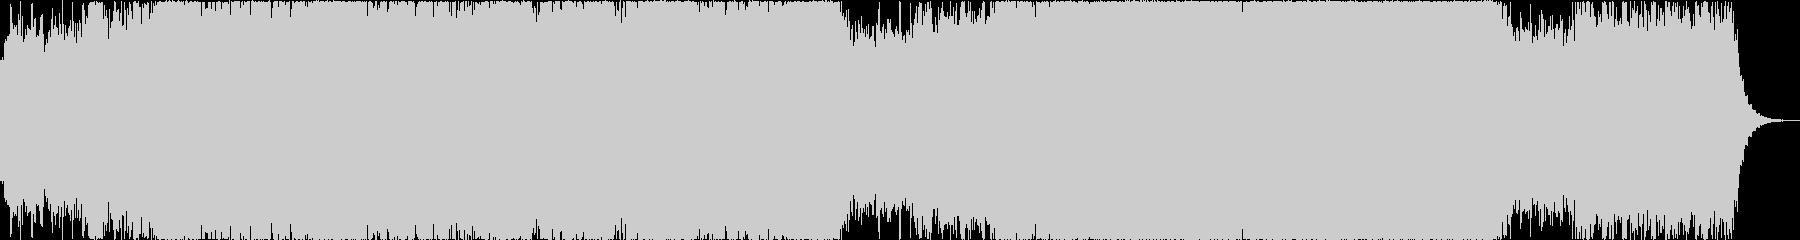 シンセパッドが醸し出すリラックス曲の未再生の波形